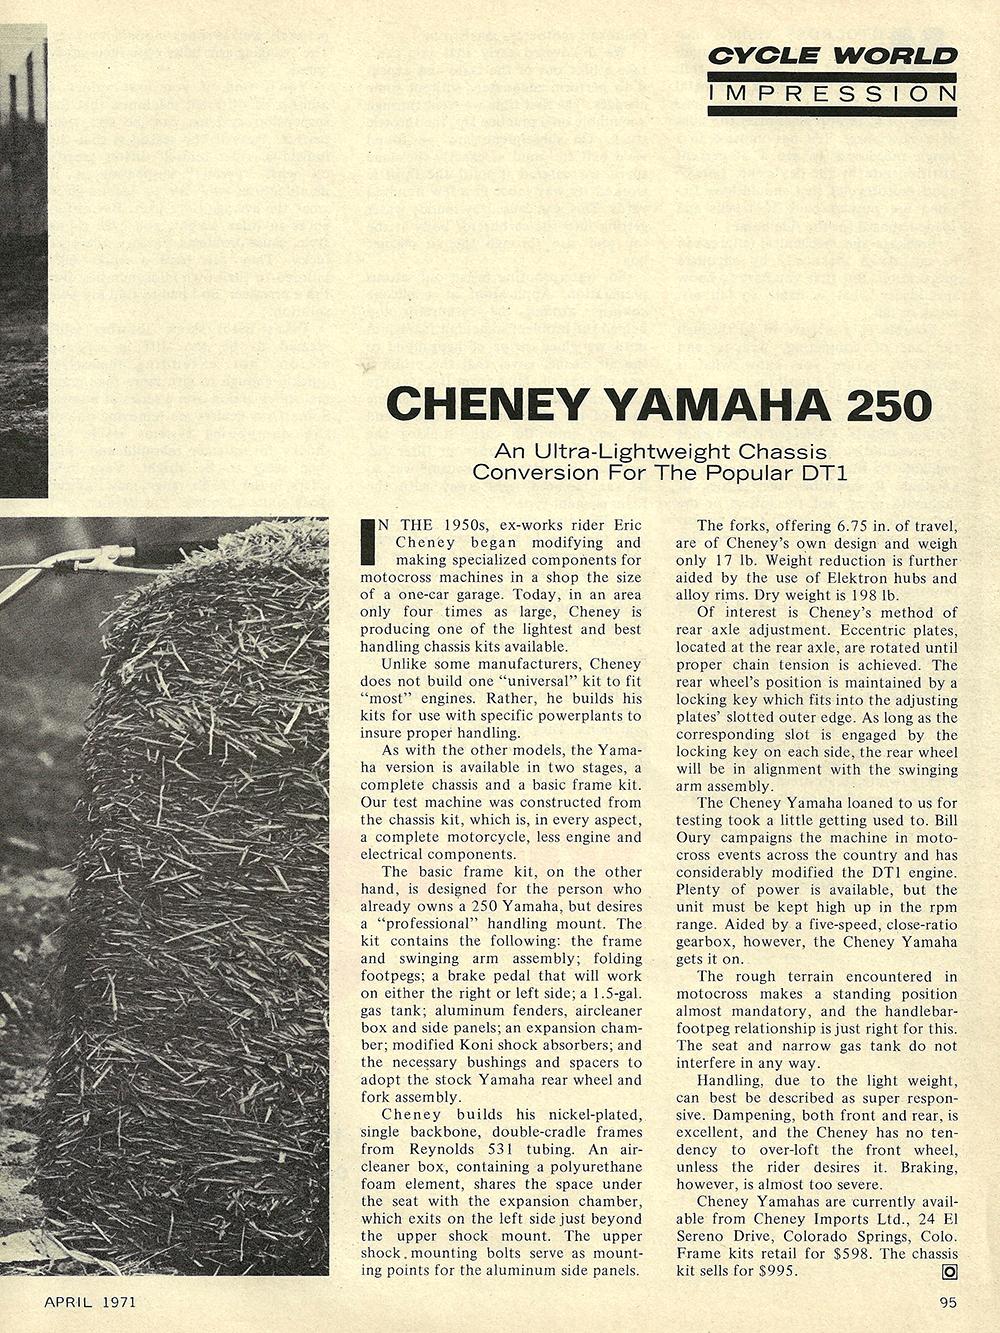 1971 Yamaha Cheney DT1 250 impression 02.jpg